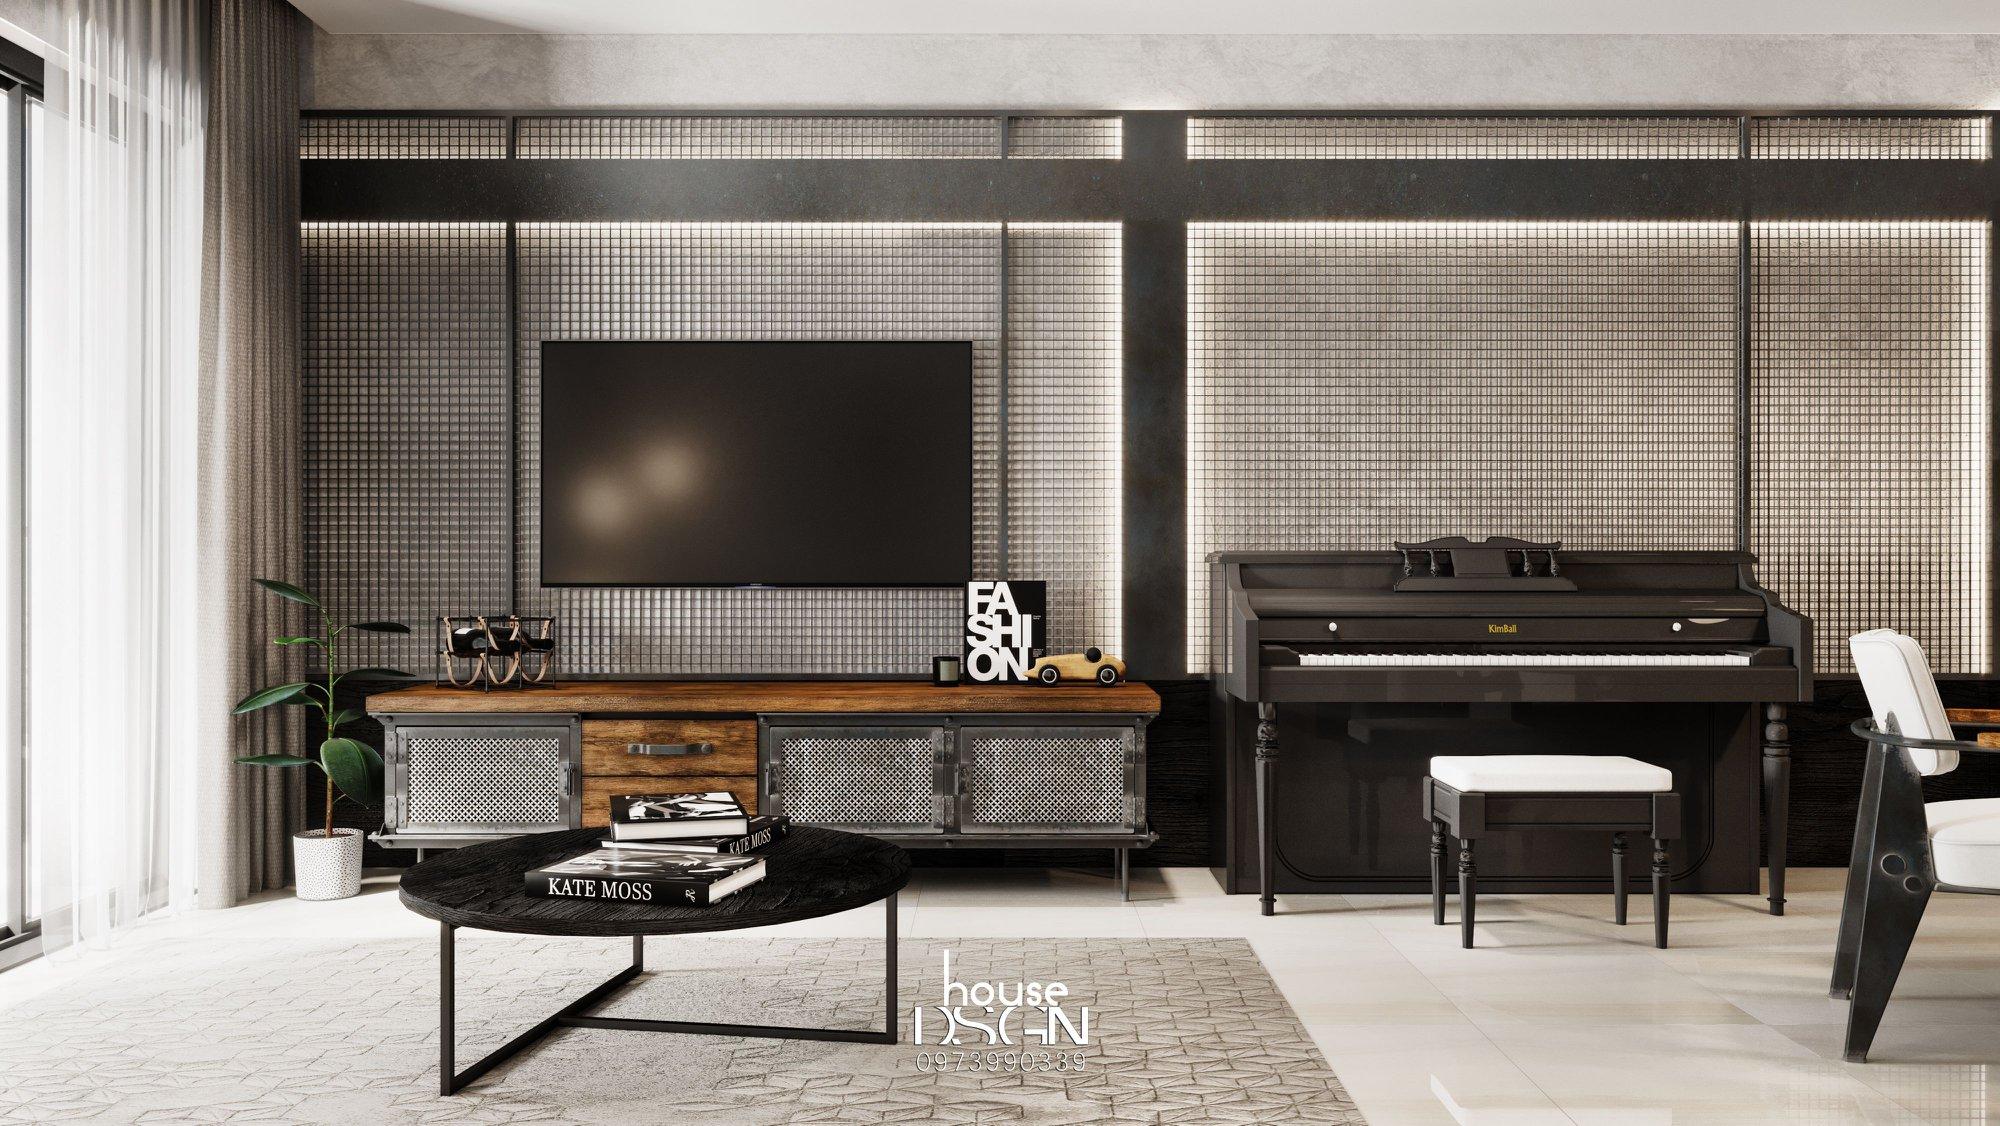 thiết kế thi công nội thất hiện đại ở đâu thì tốt